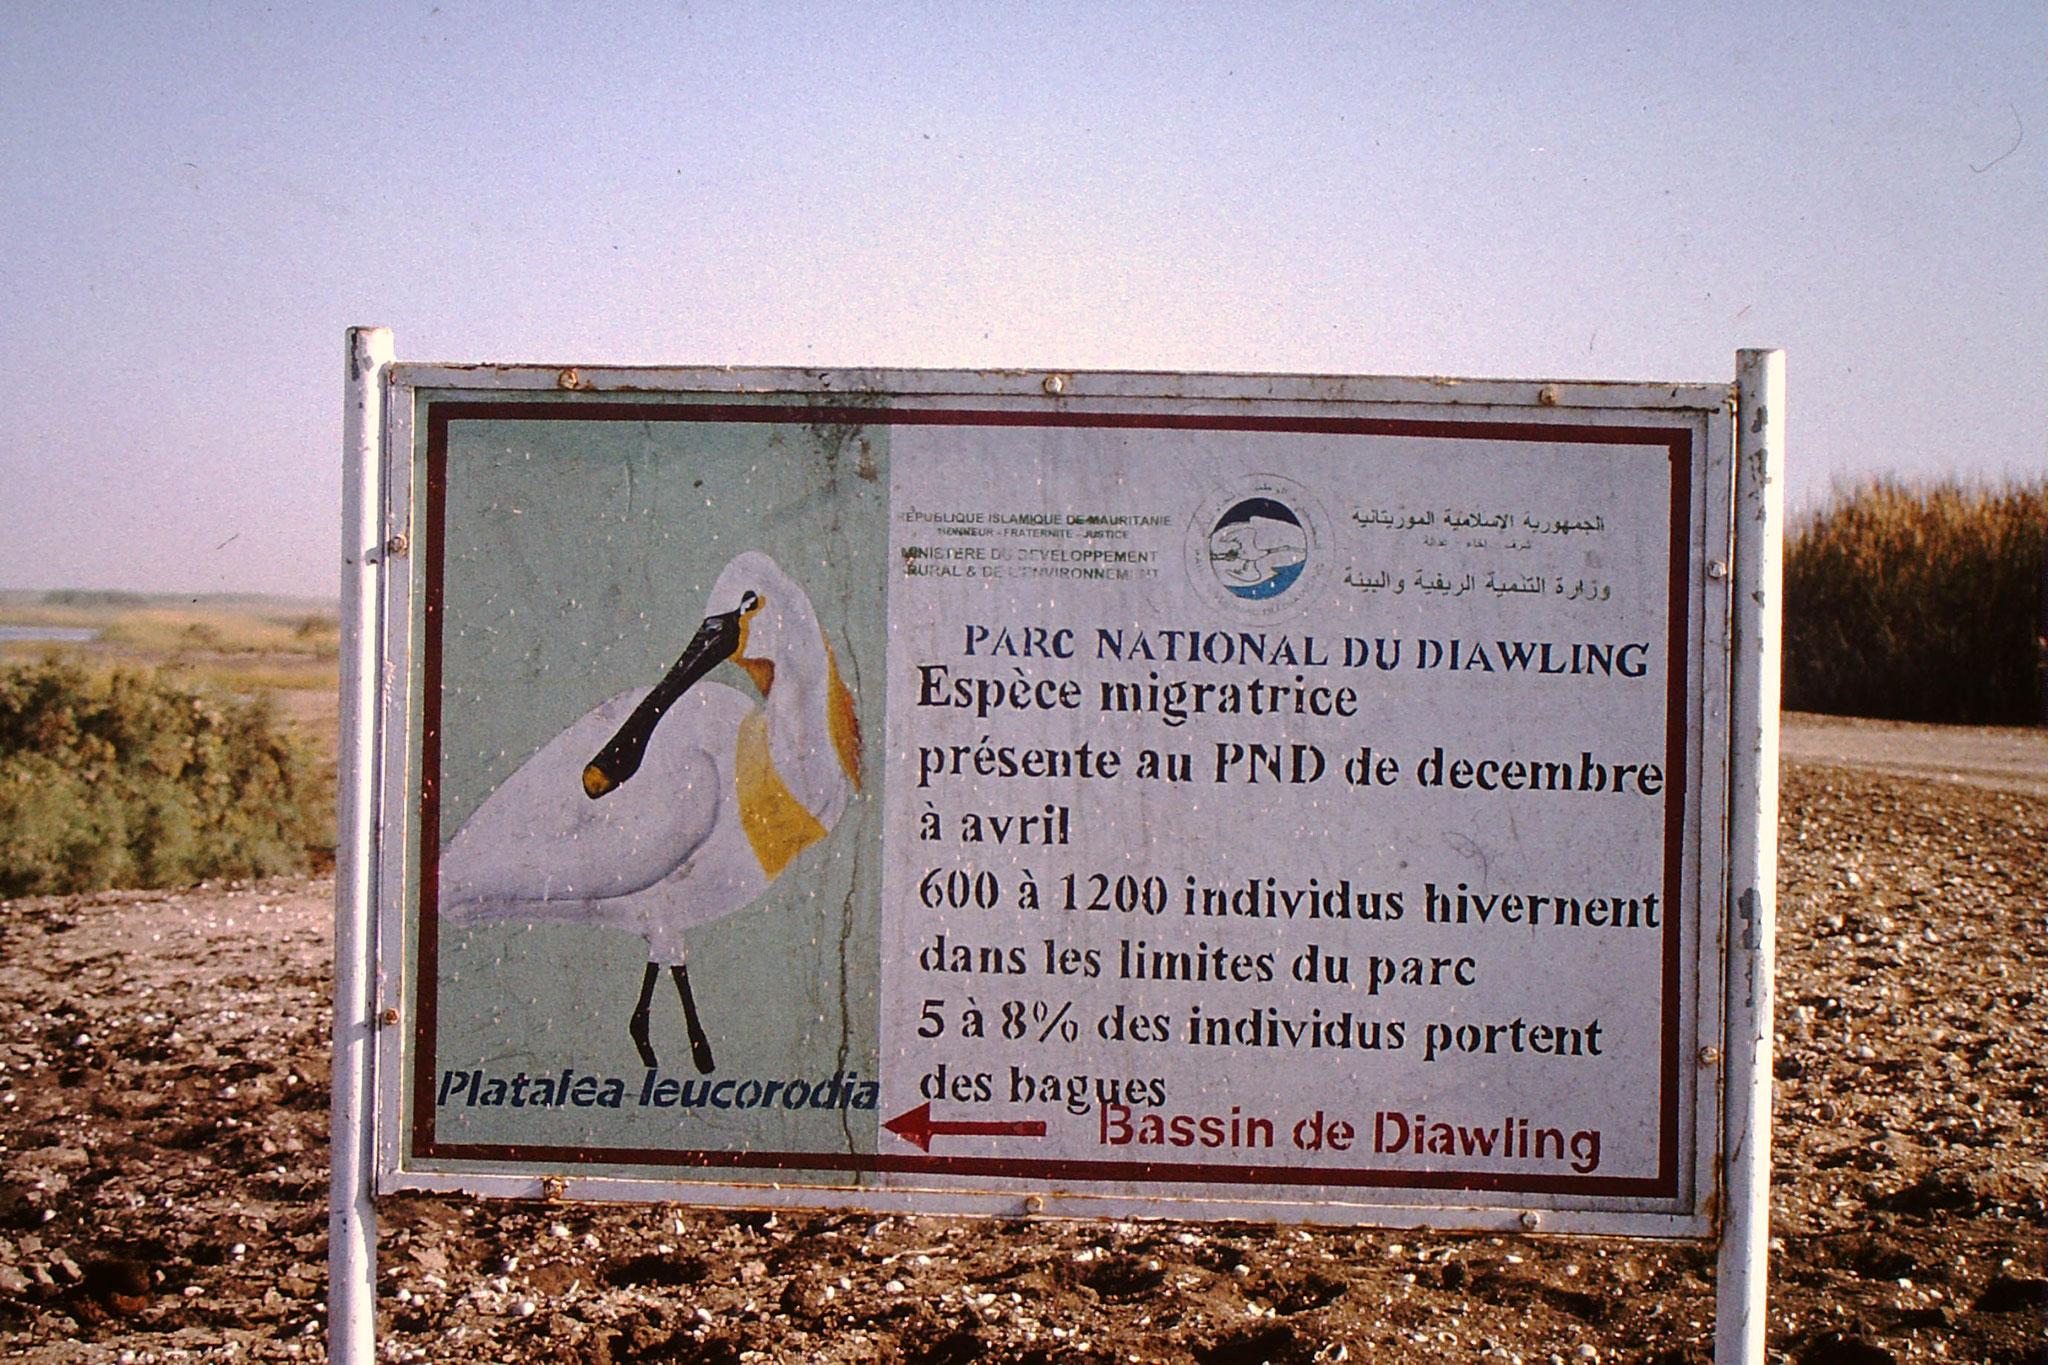 Das Schild besagt, das 5 bis 8% der Vögel beringt sind.